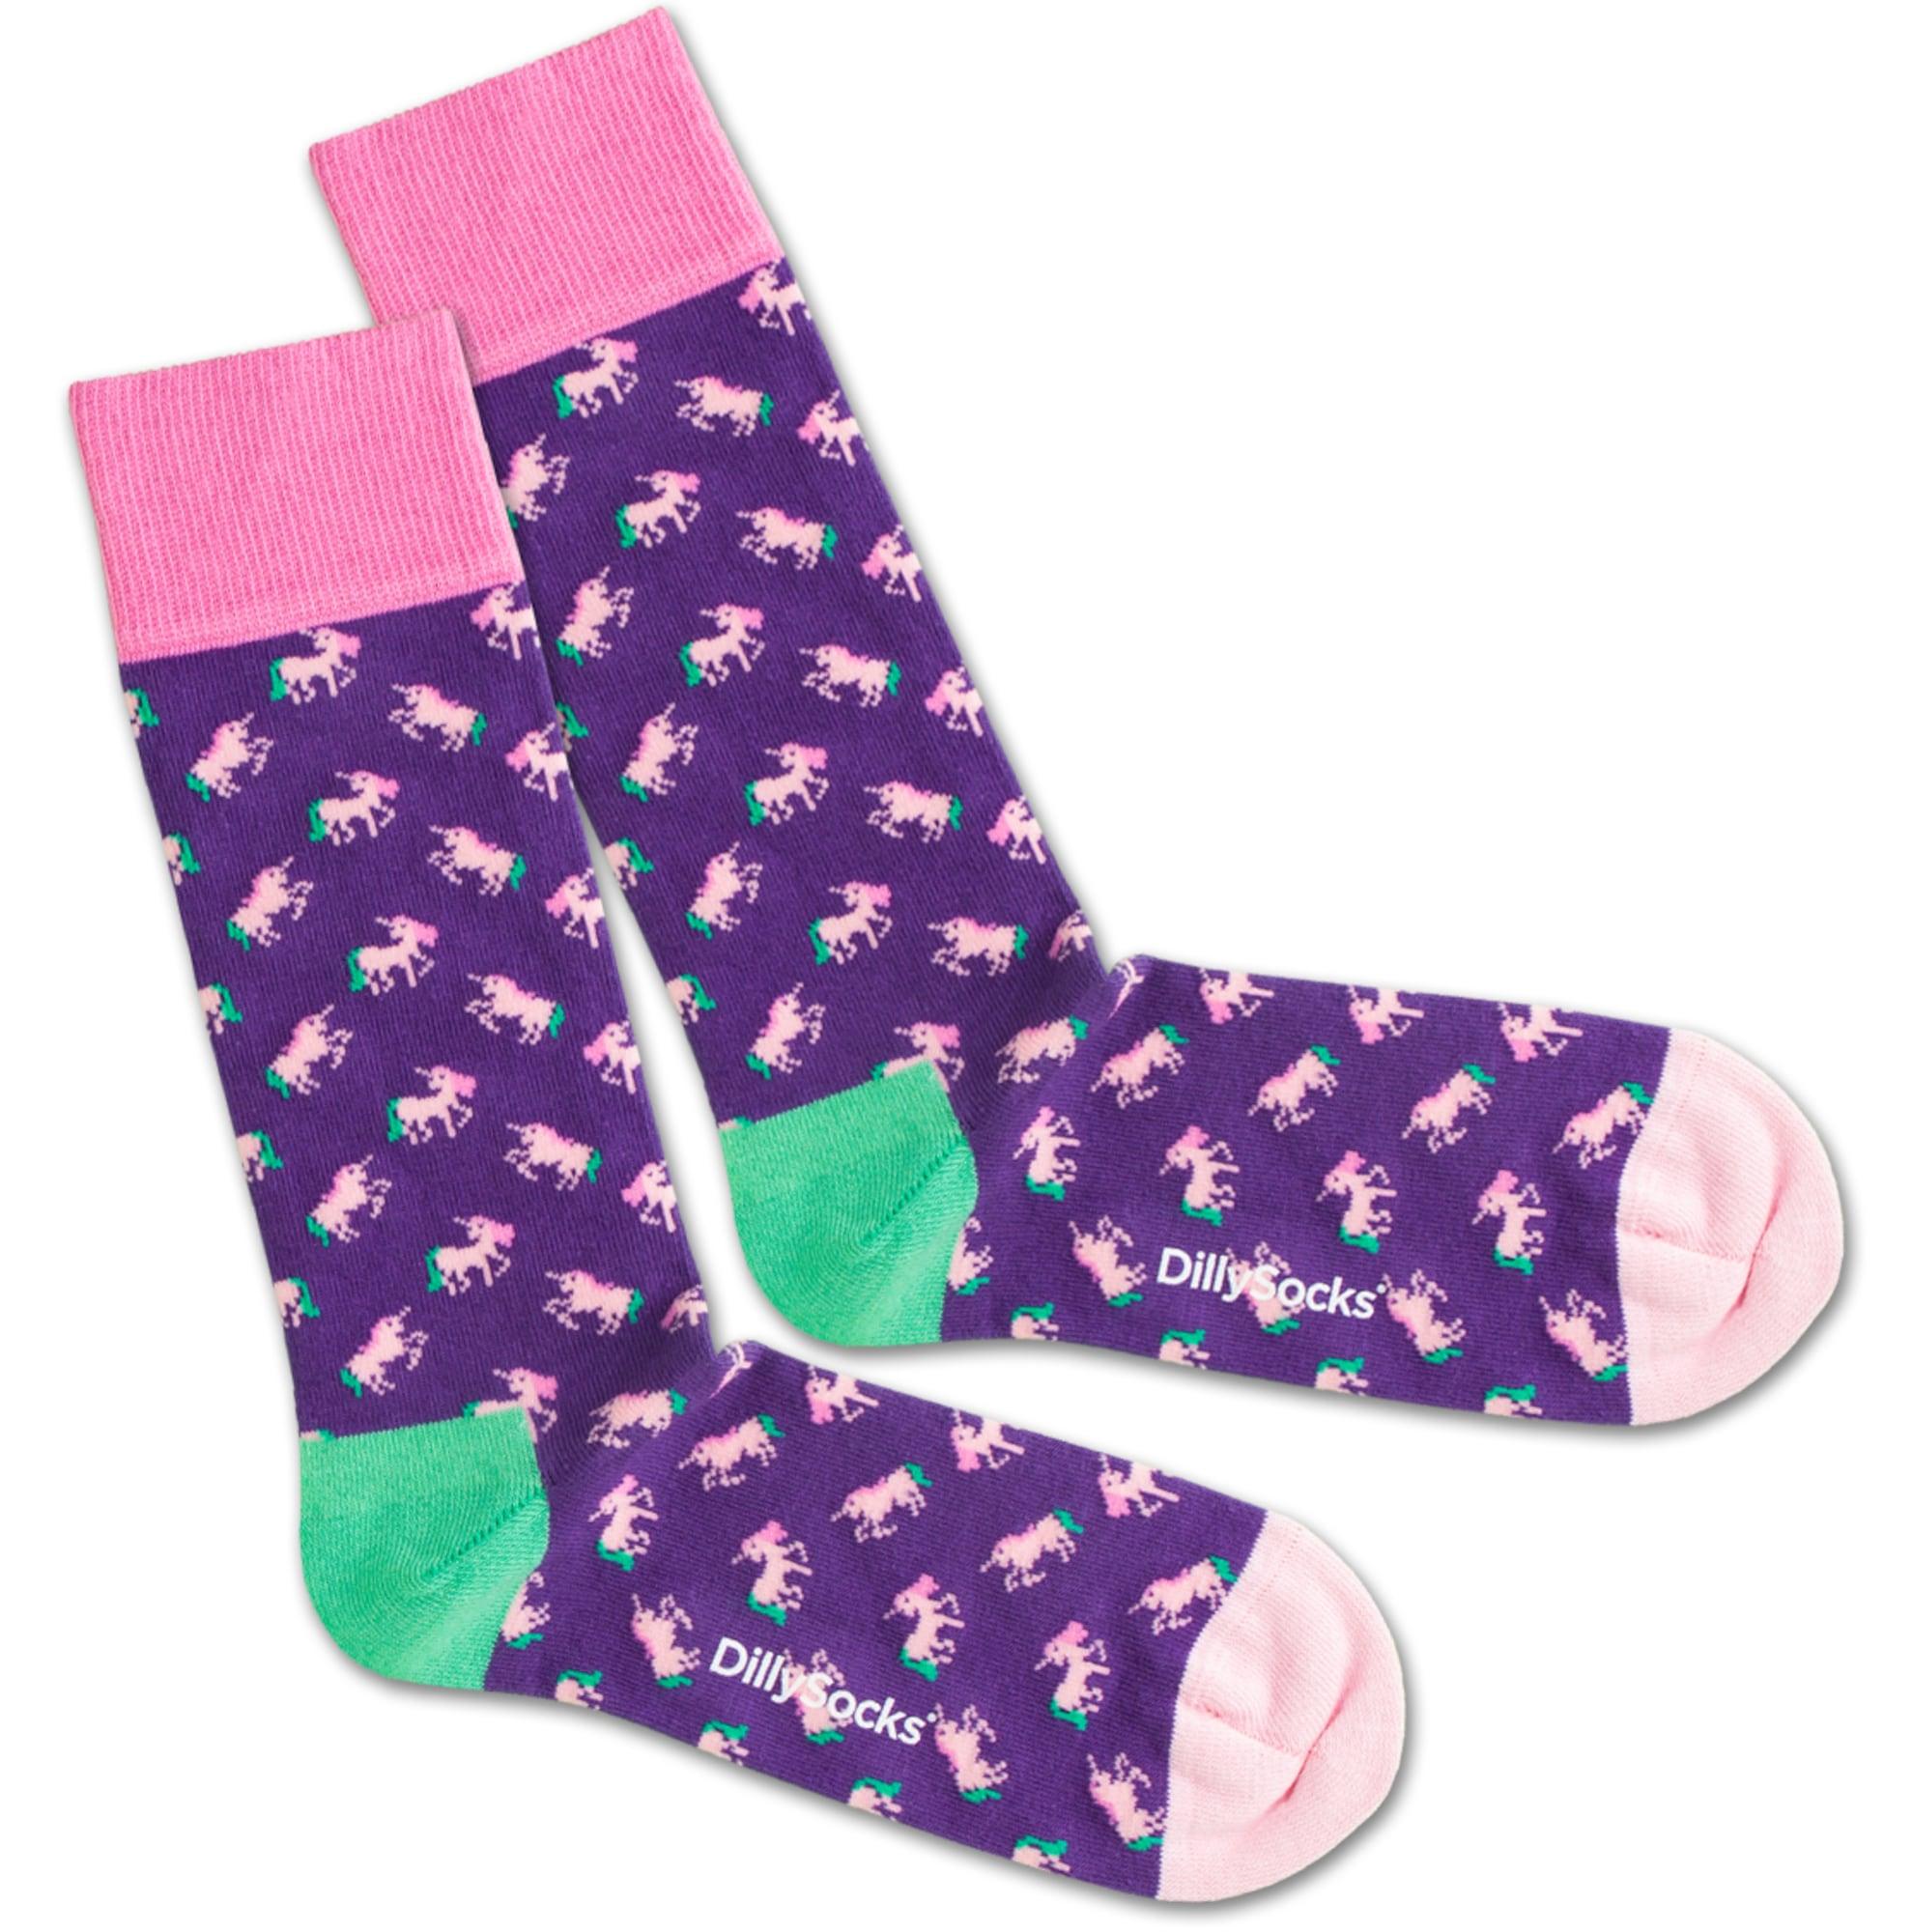 Ponožky Unique Purple mátová fialkově modrá růžová DillySocks